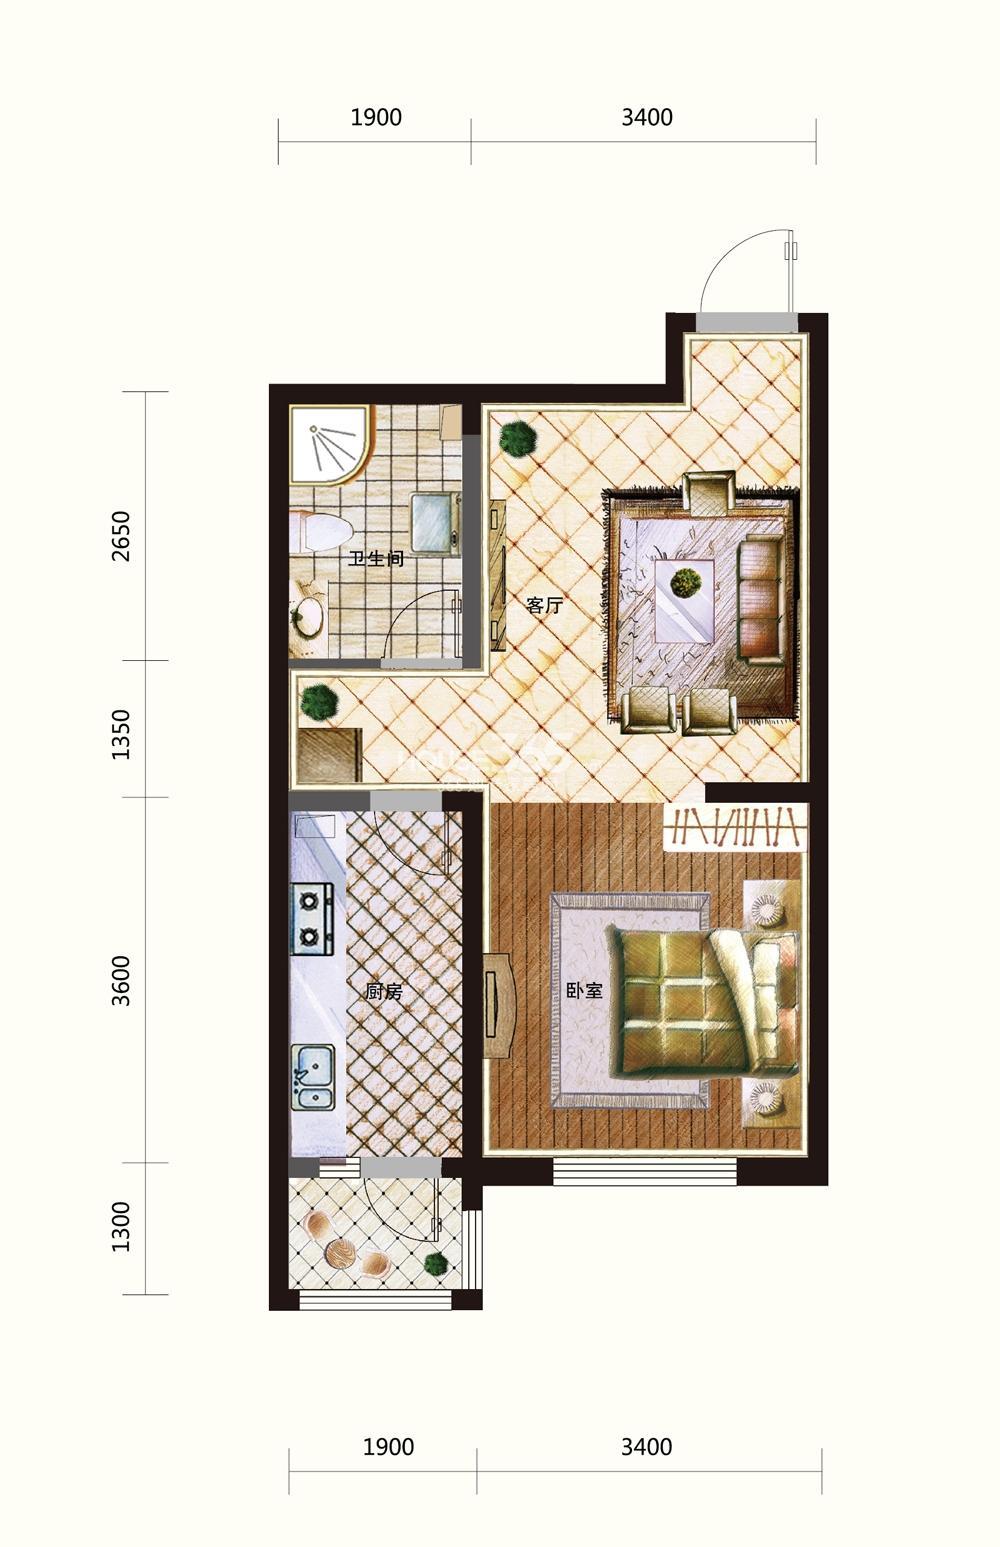 五矿紫晶御府一室一厅一卫60平米